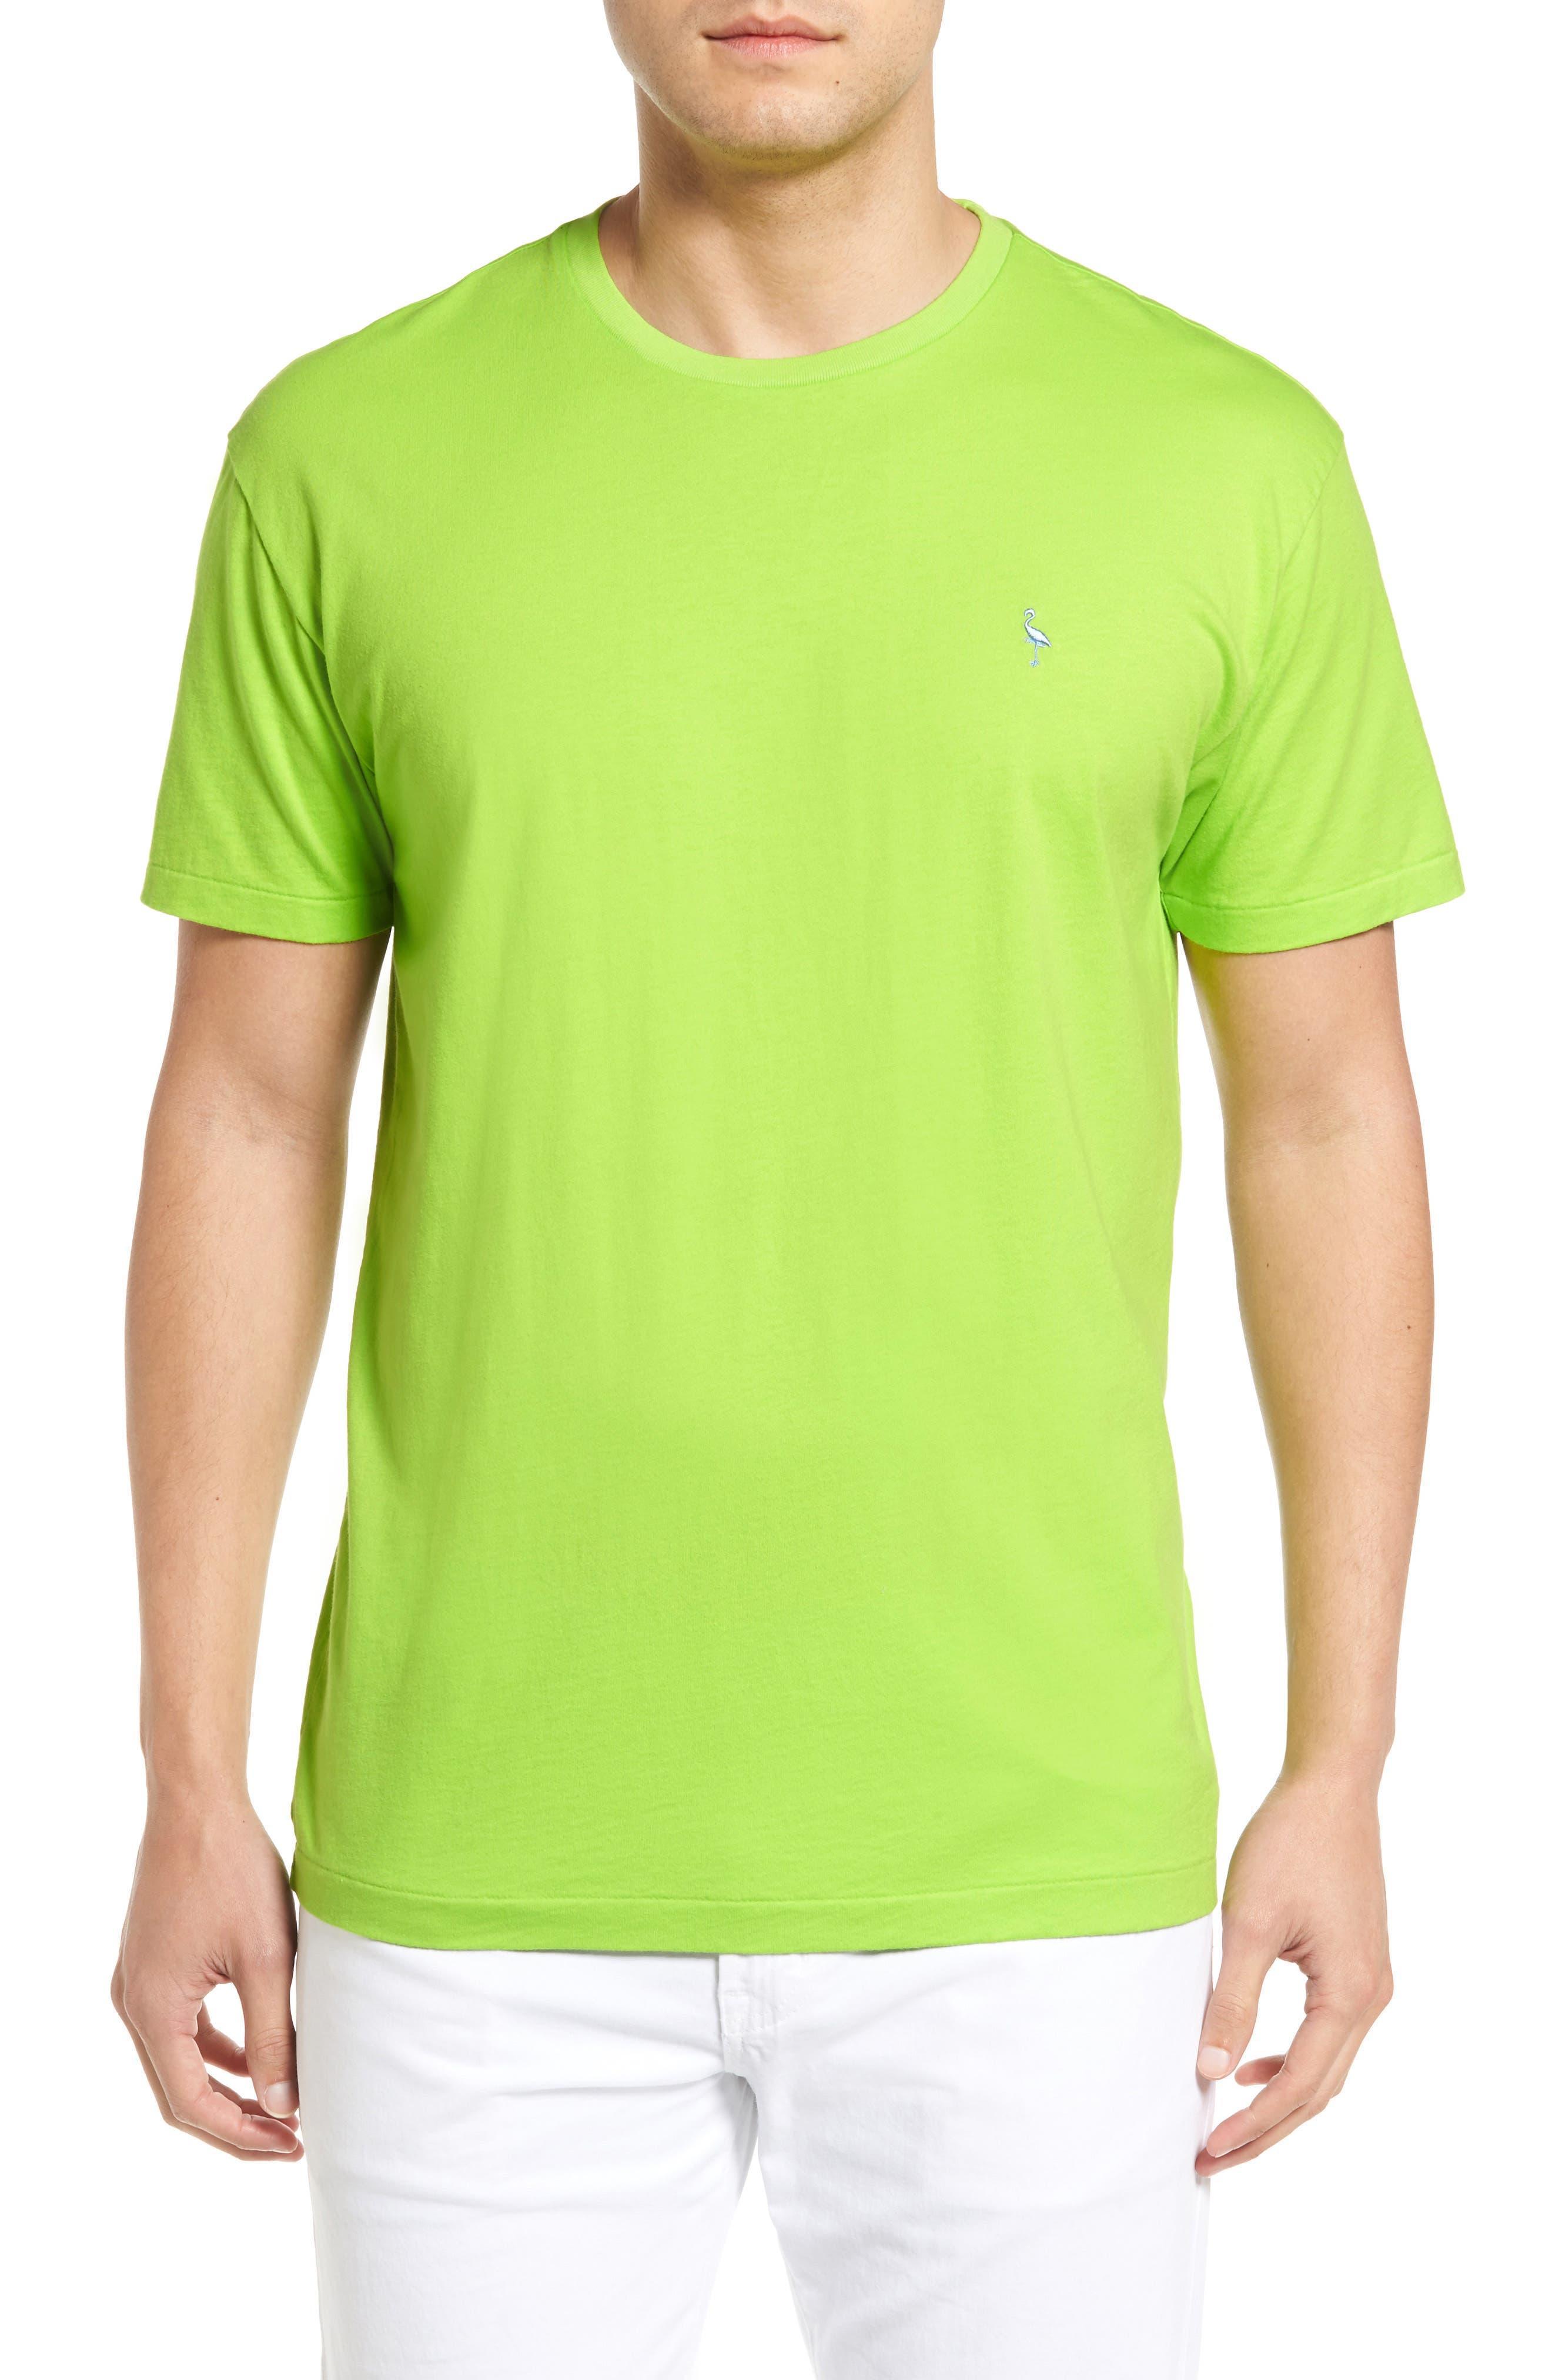 Markham Square T-Shirt,                             Main thumbnail 1, color,                             Marathon Green